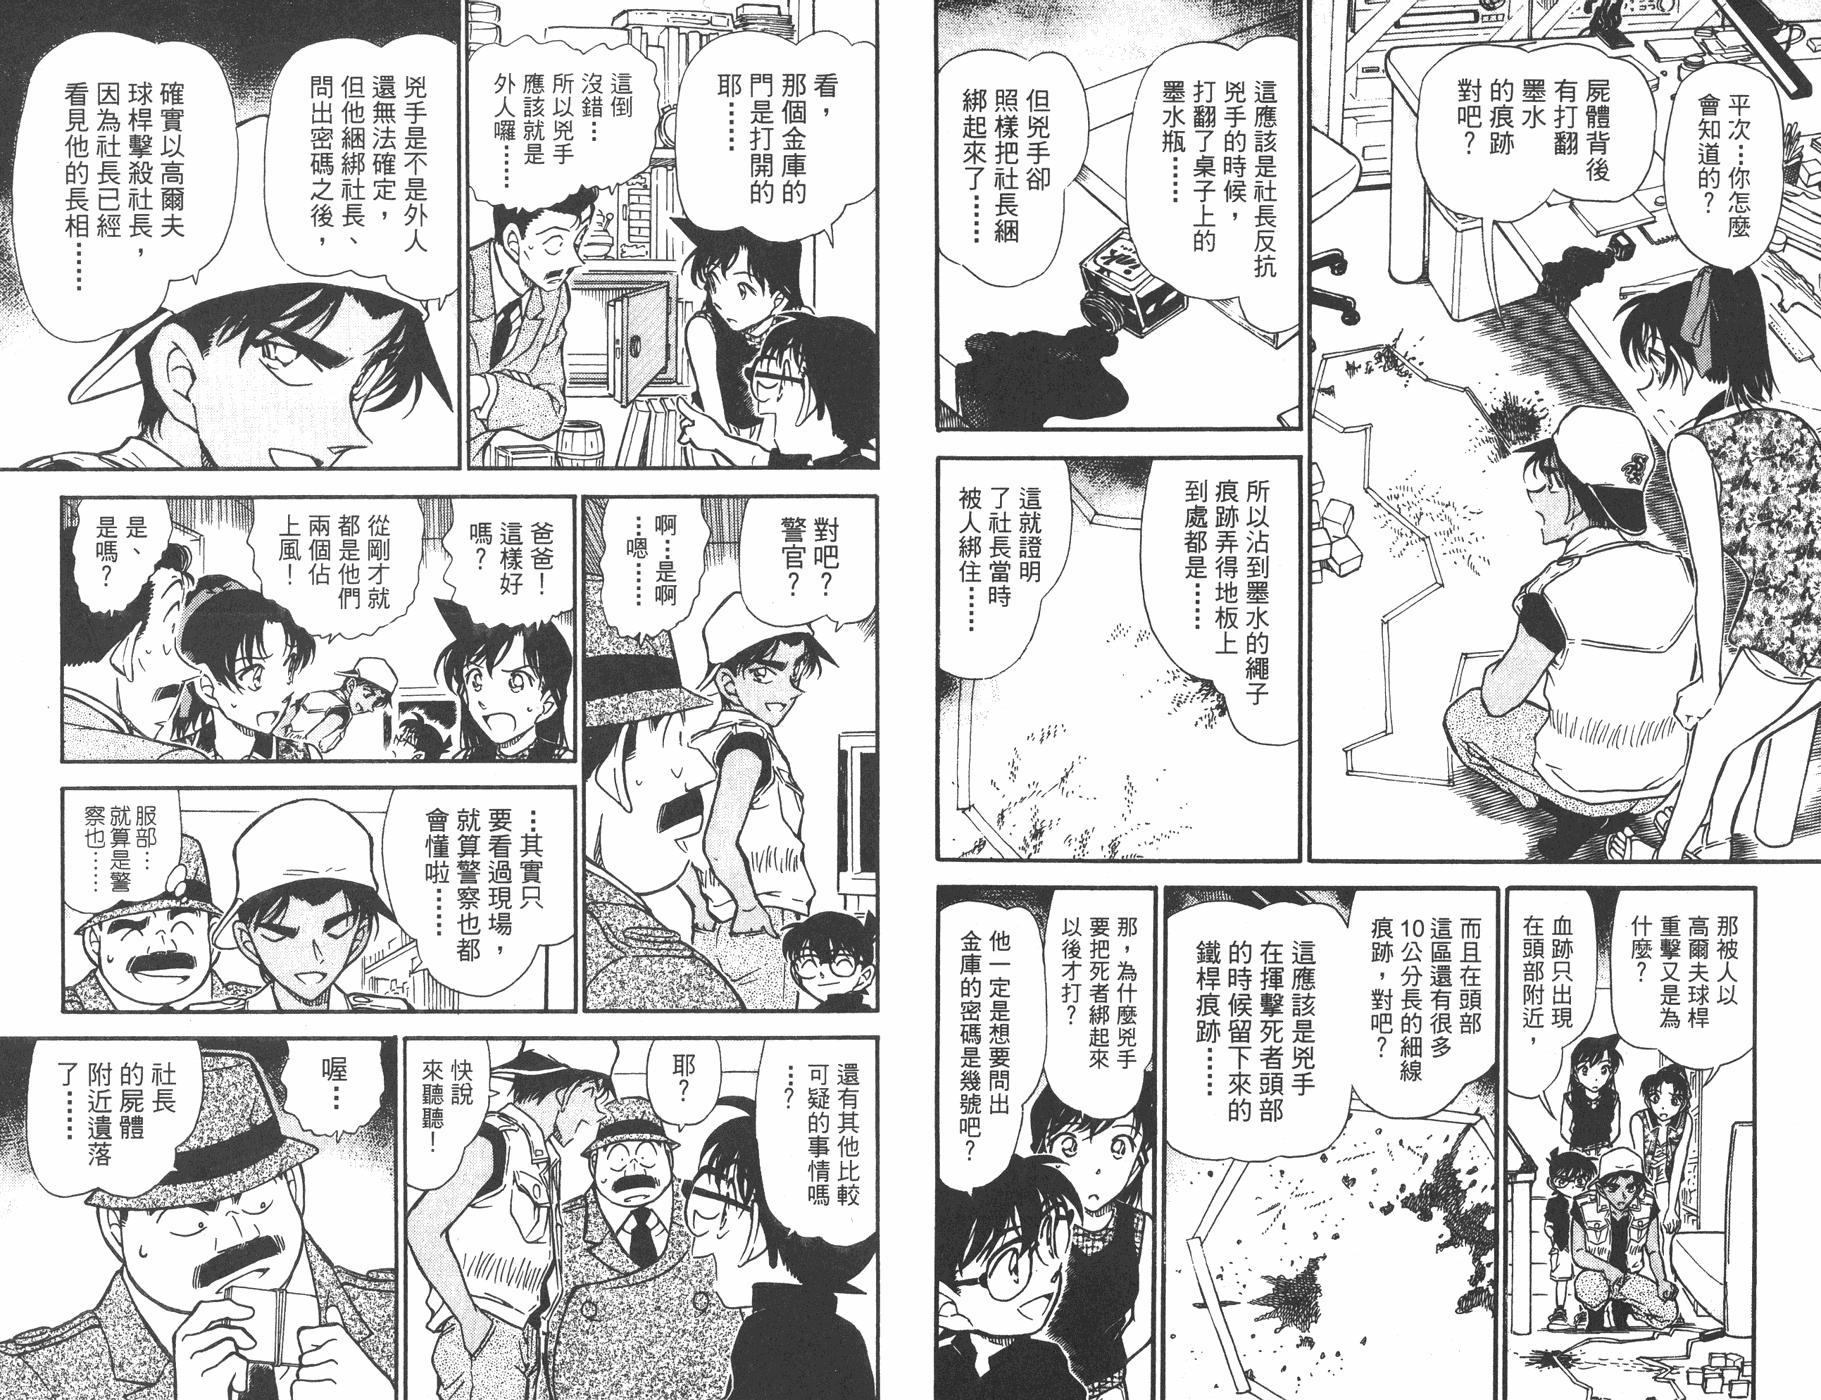 斗法三艳鬼完整版电影